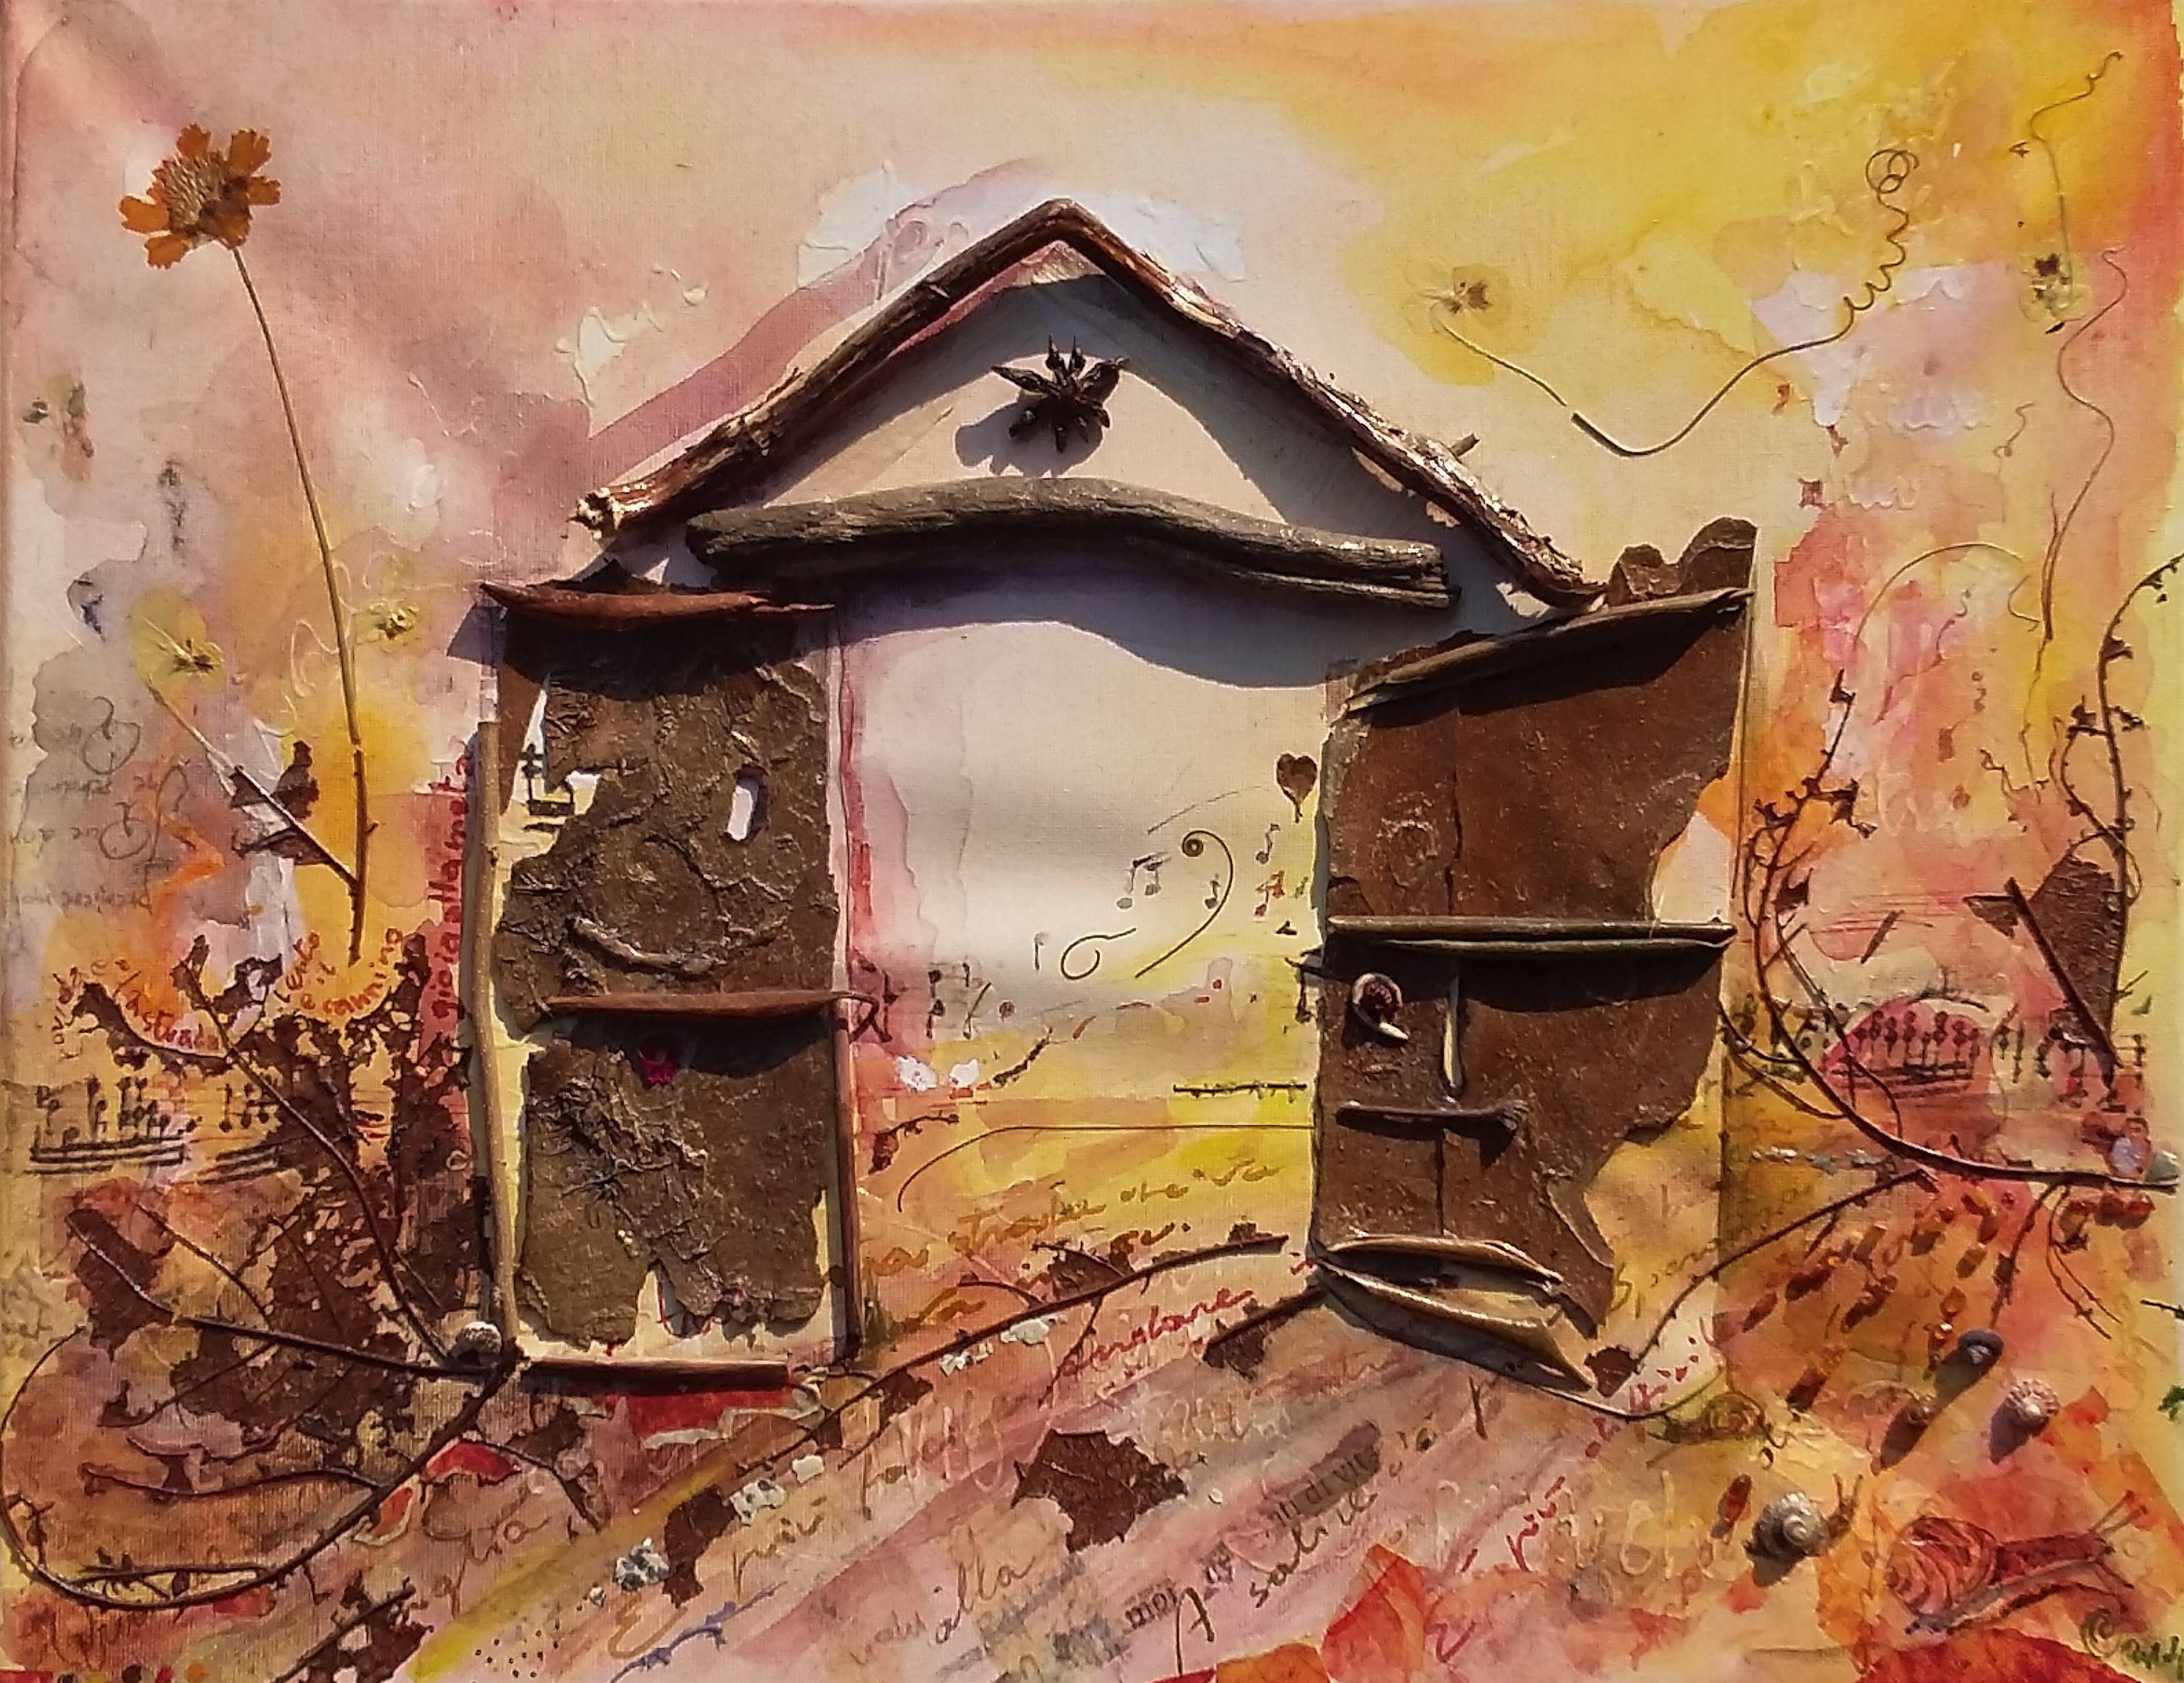 Uscio 18 acrylic on canvas cm 40x60